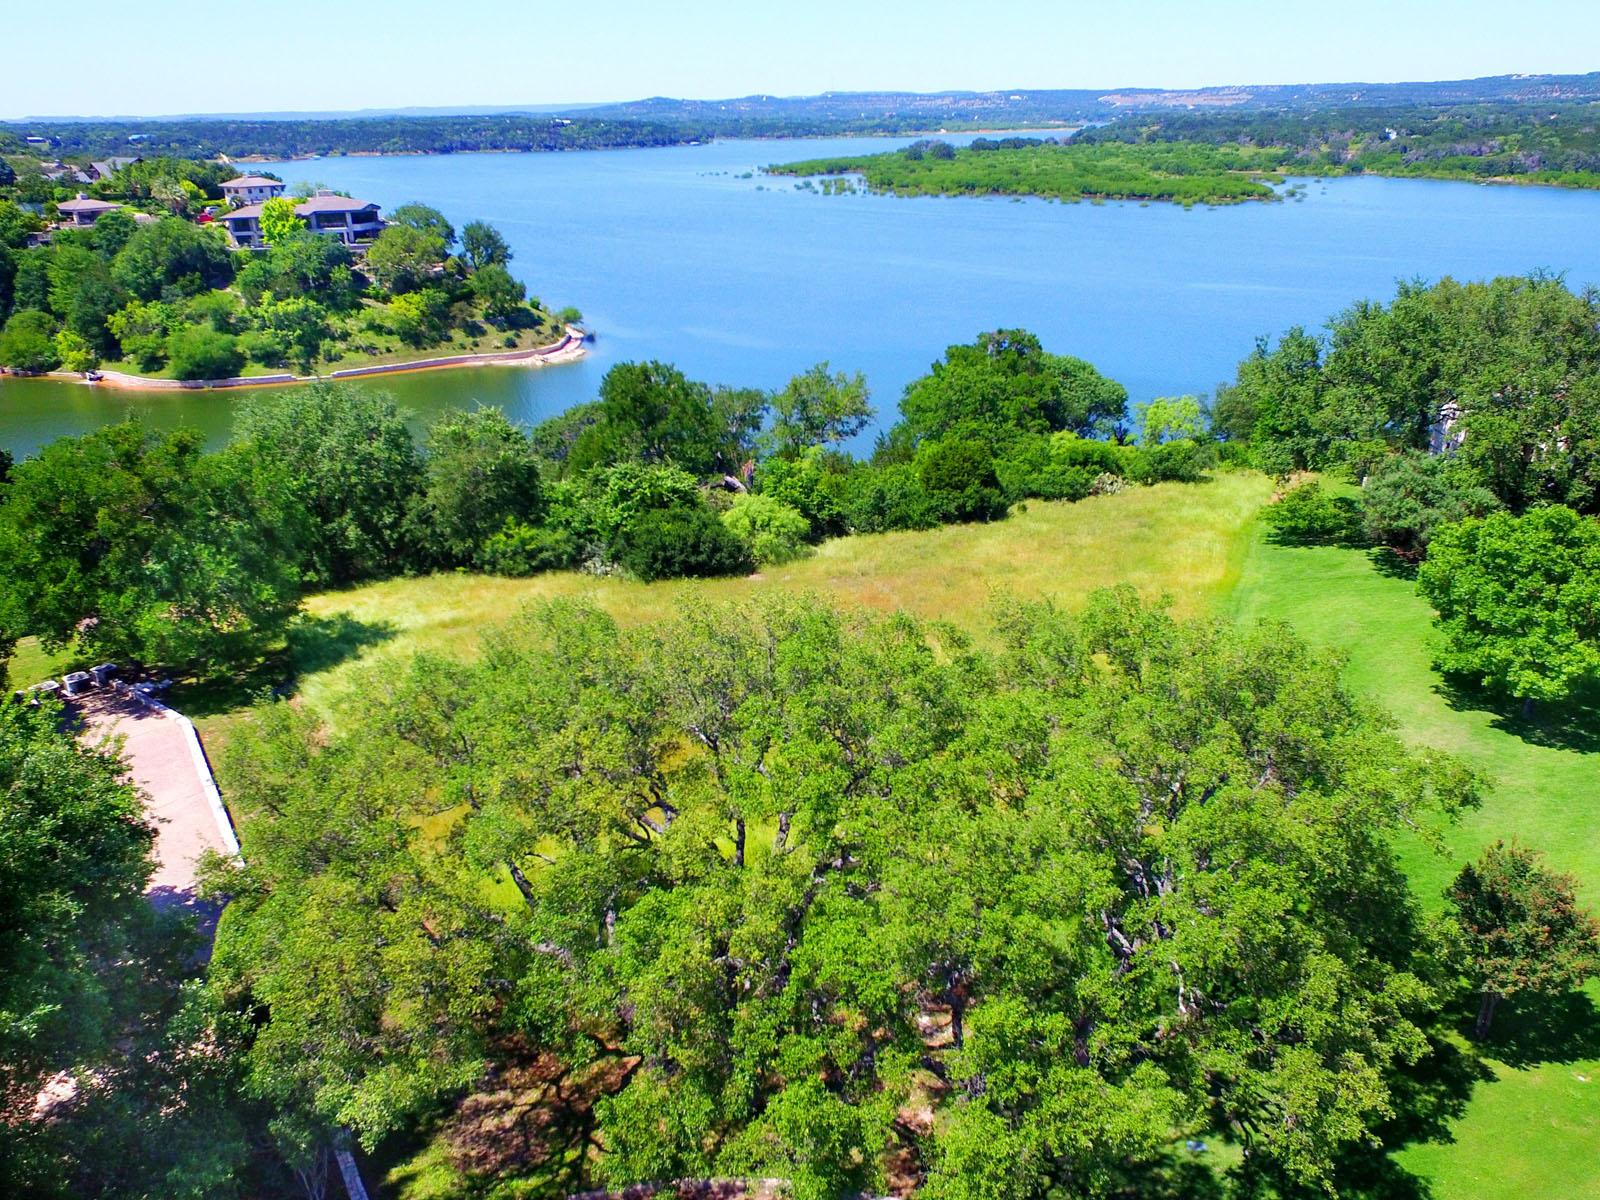 Đất đai vì Bán tại Lake Travis Waterfront 2512 Sailpoint Dr Spicewood, Texas, 78669 Hoa Kỳ